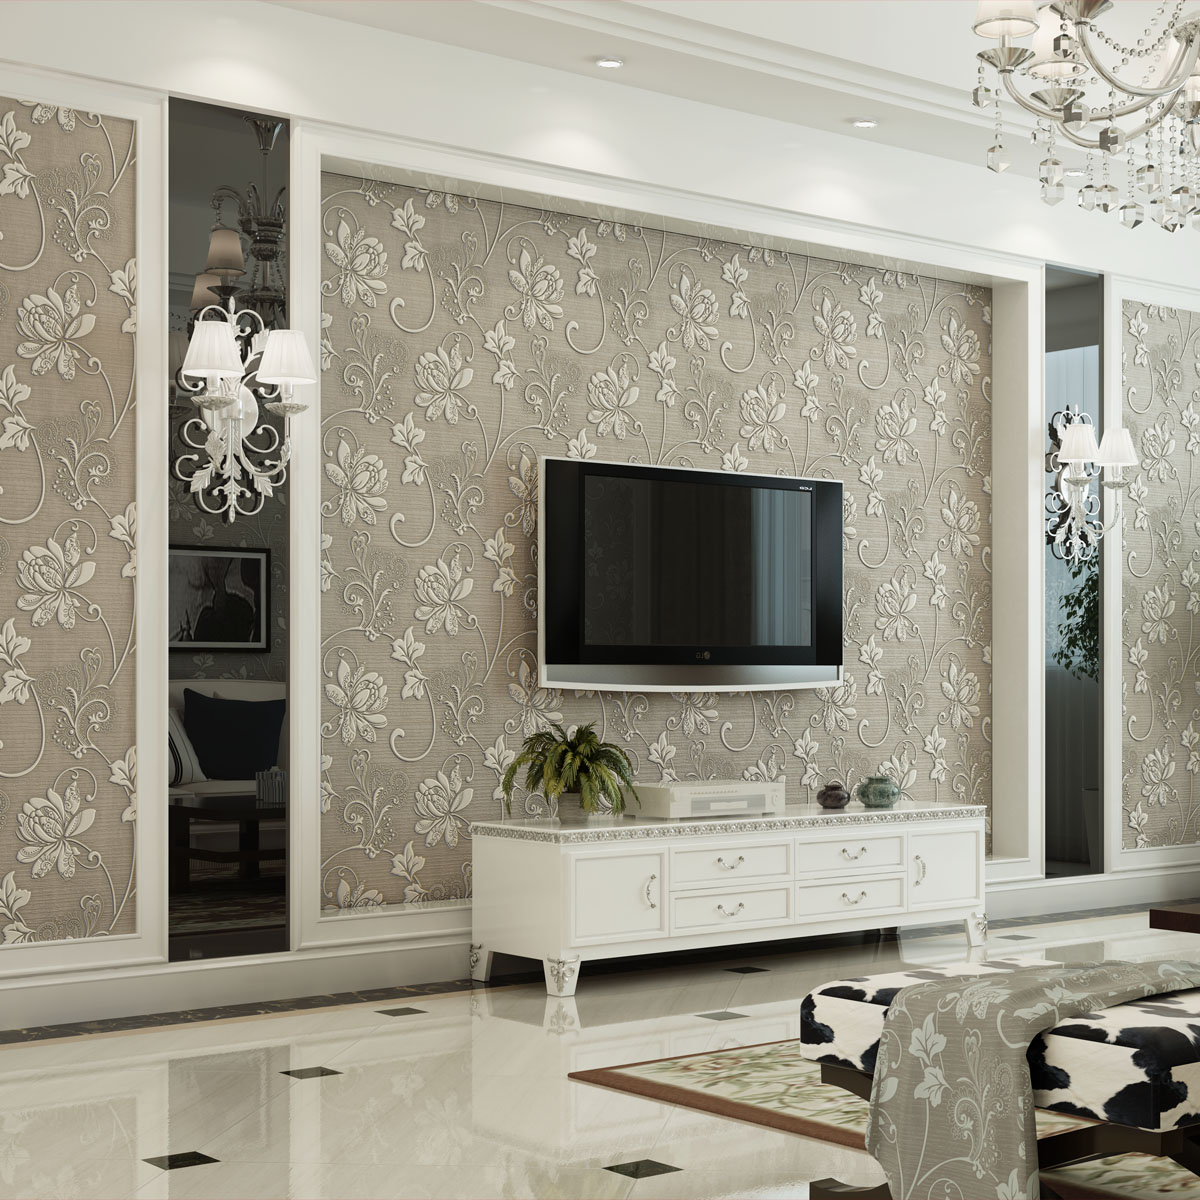 Дизайн стен в зале идеи фото